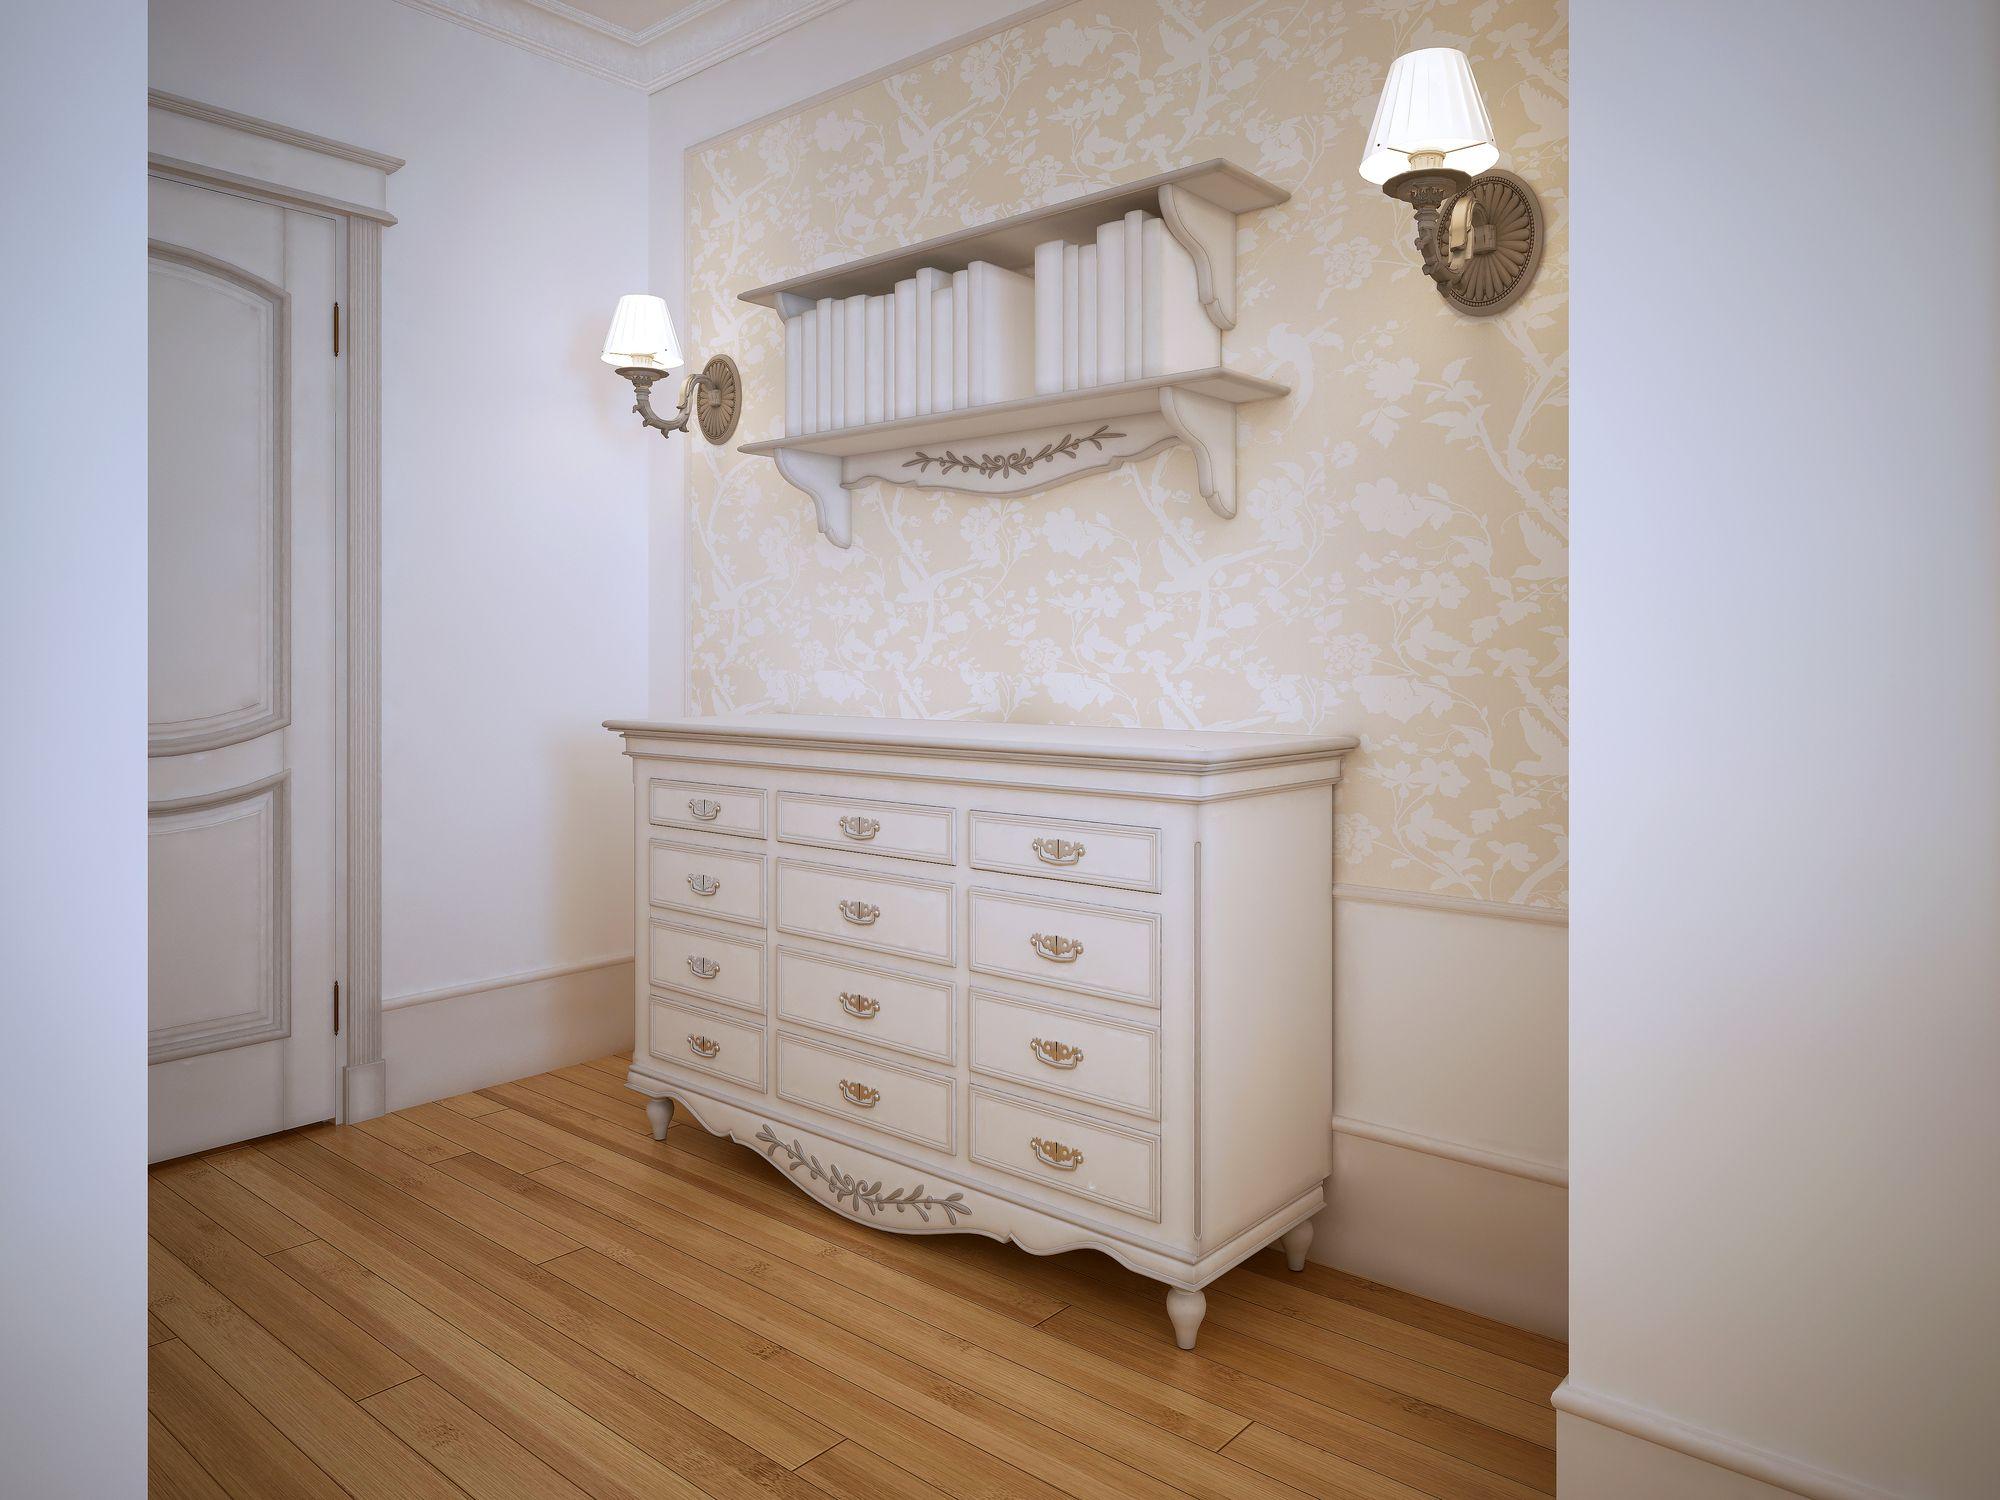 Muebles de estilo franc s hogarmania for Muebles estilo frances online